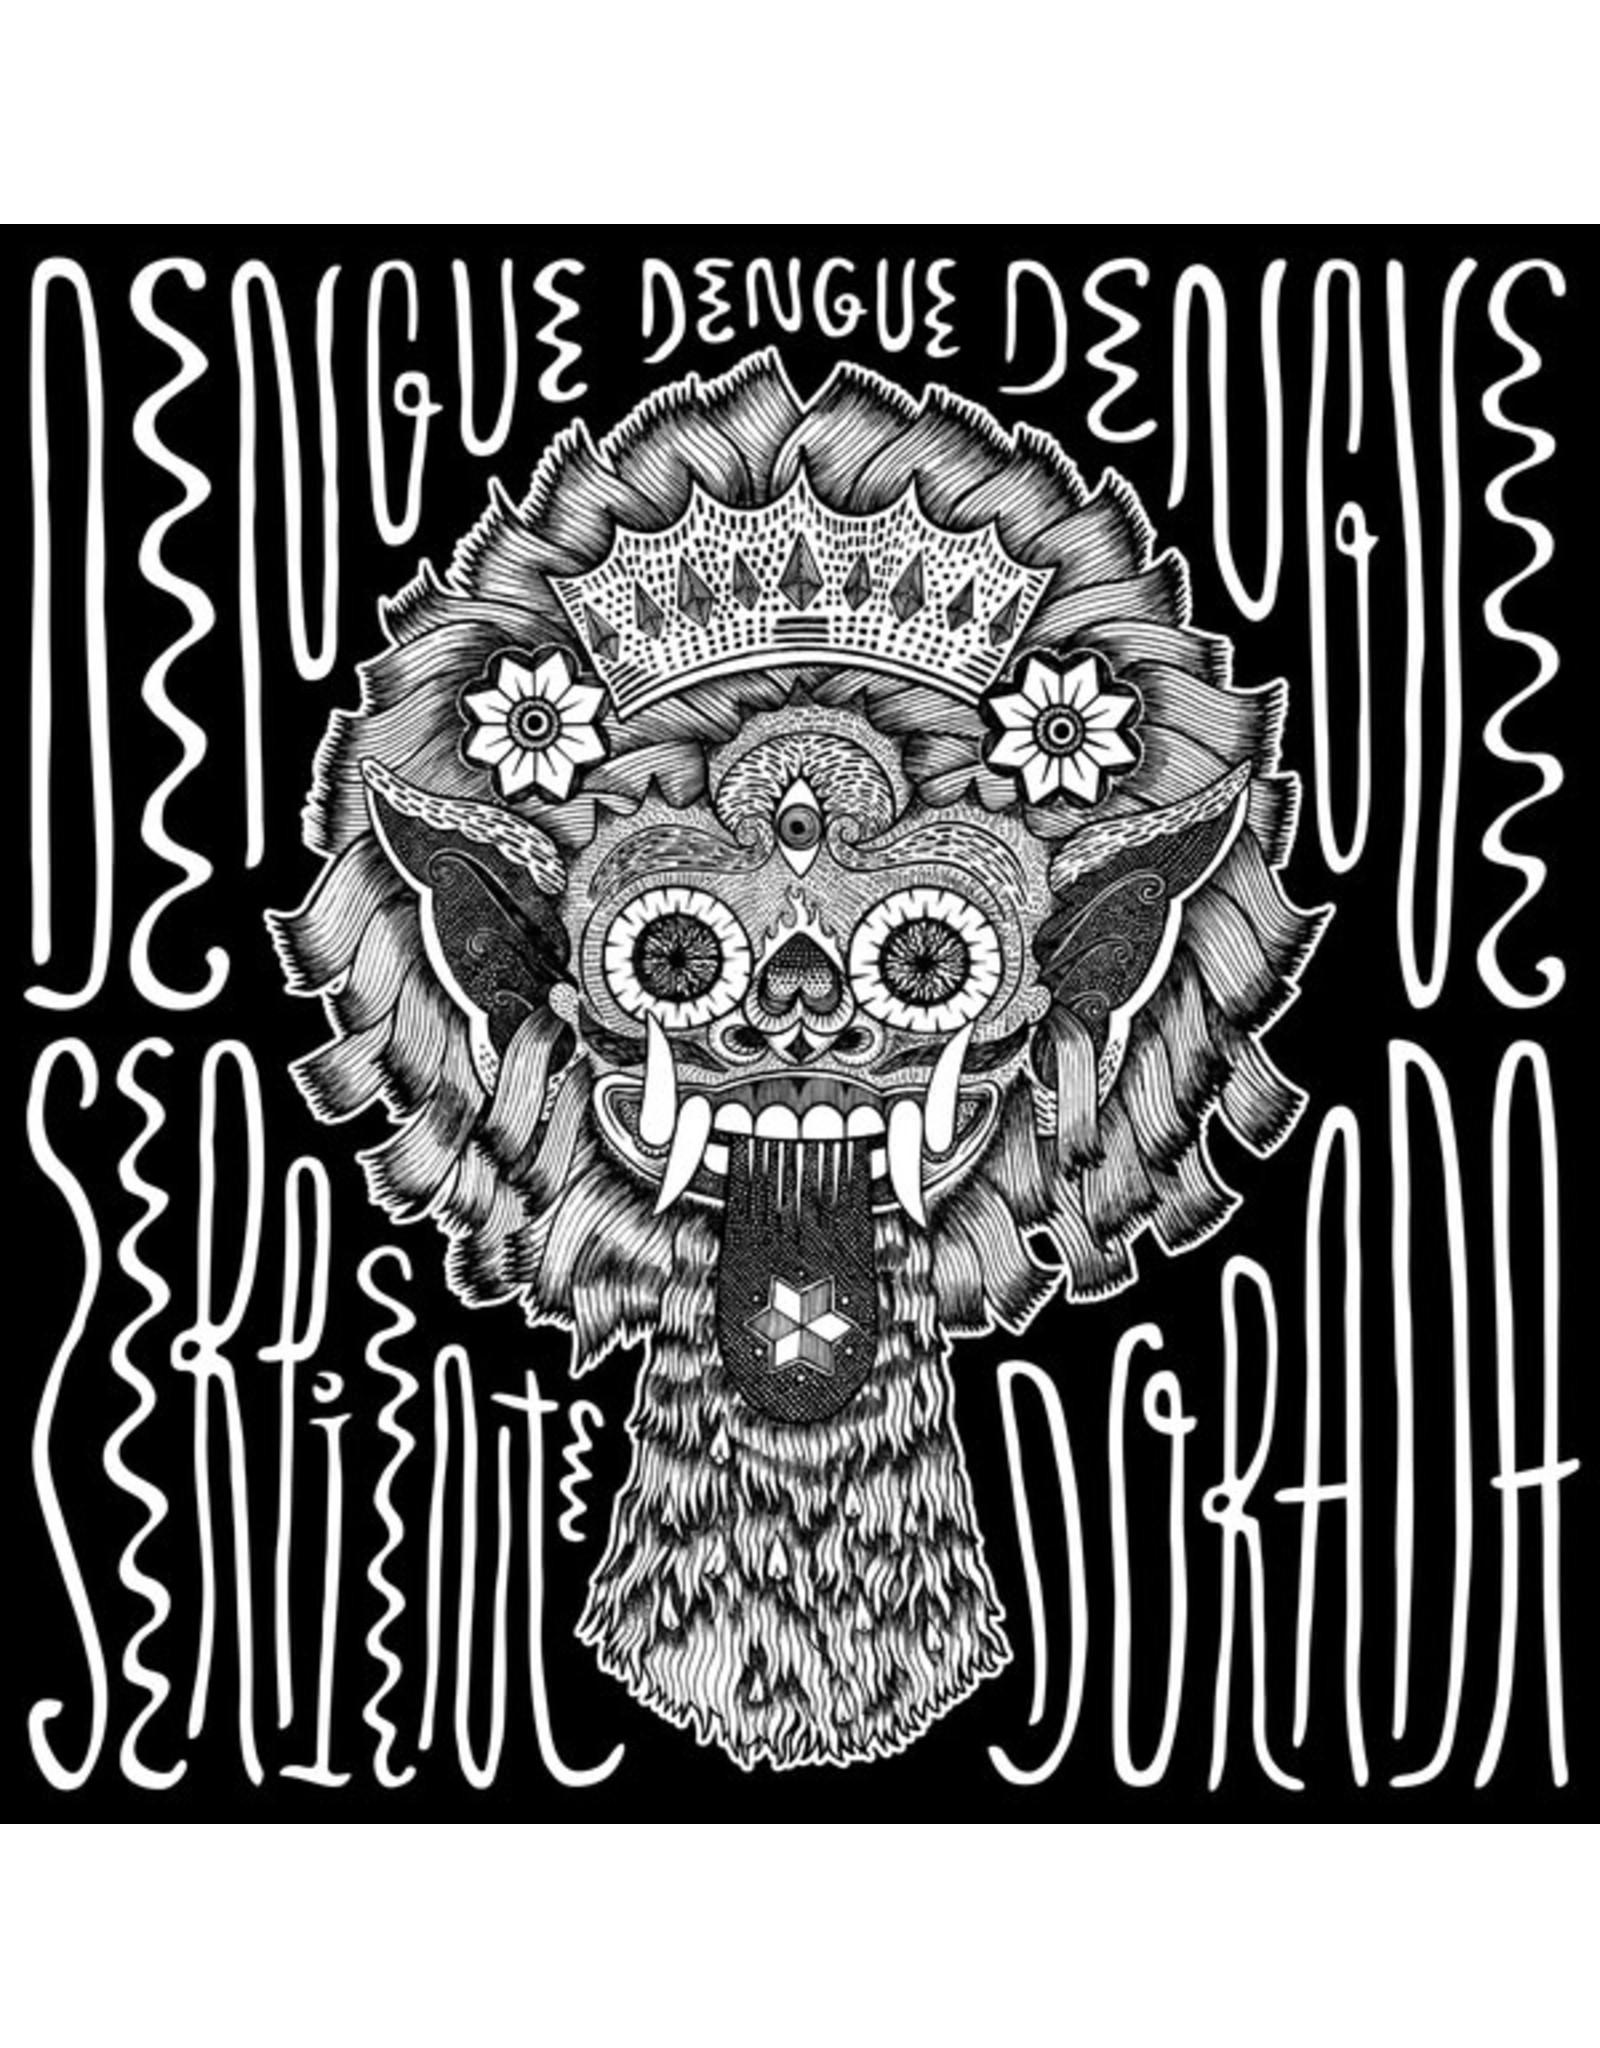 Enchufada Dengue Dengue Dengue: Serpiente Dorada LP